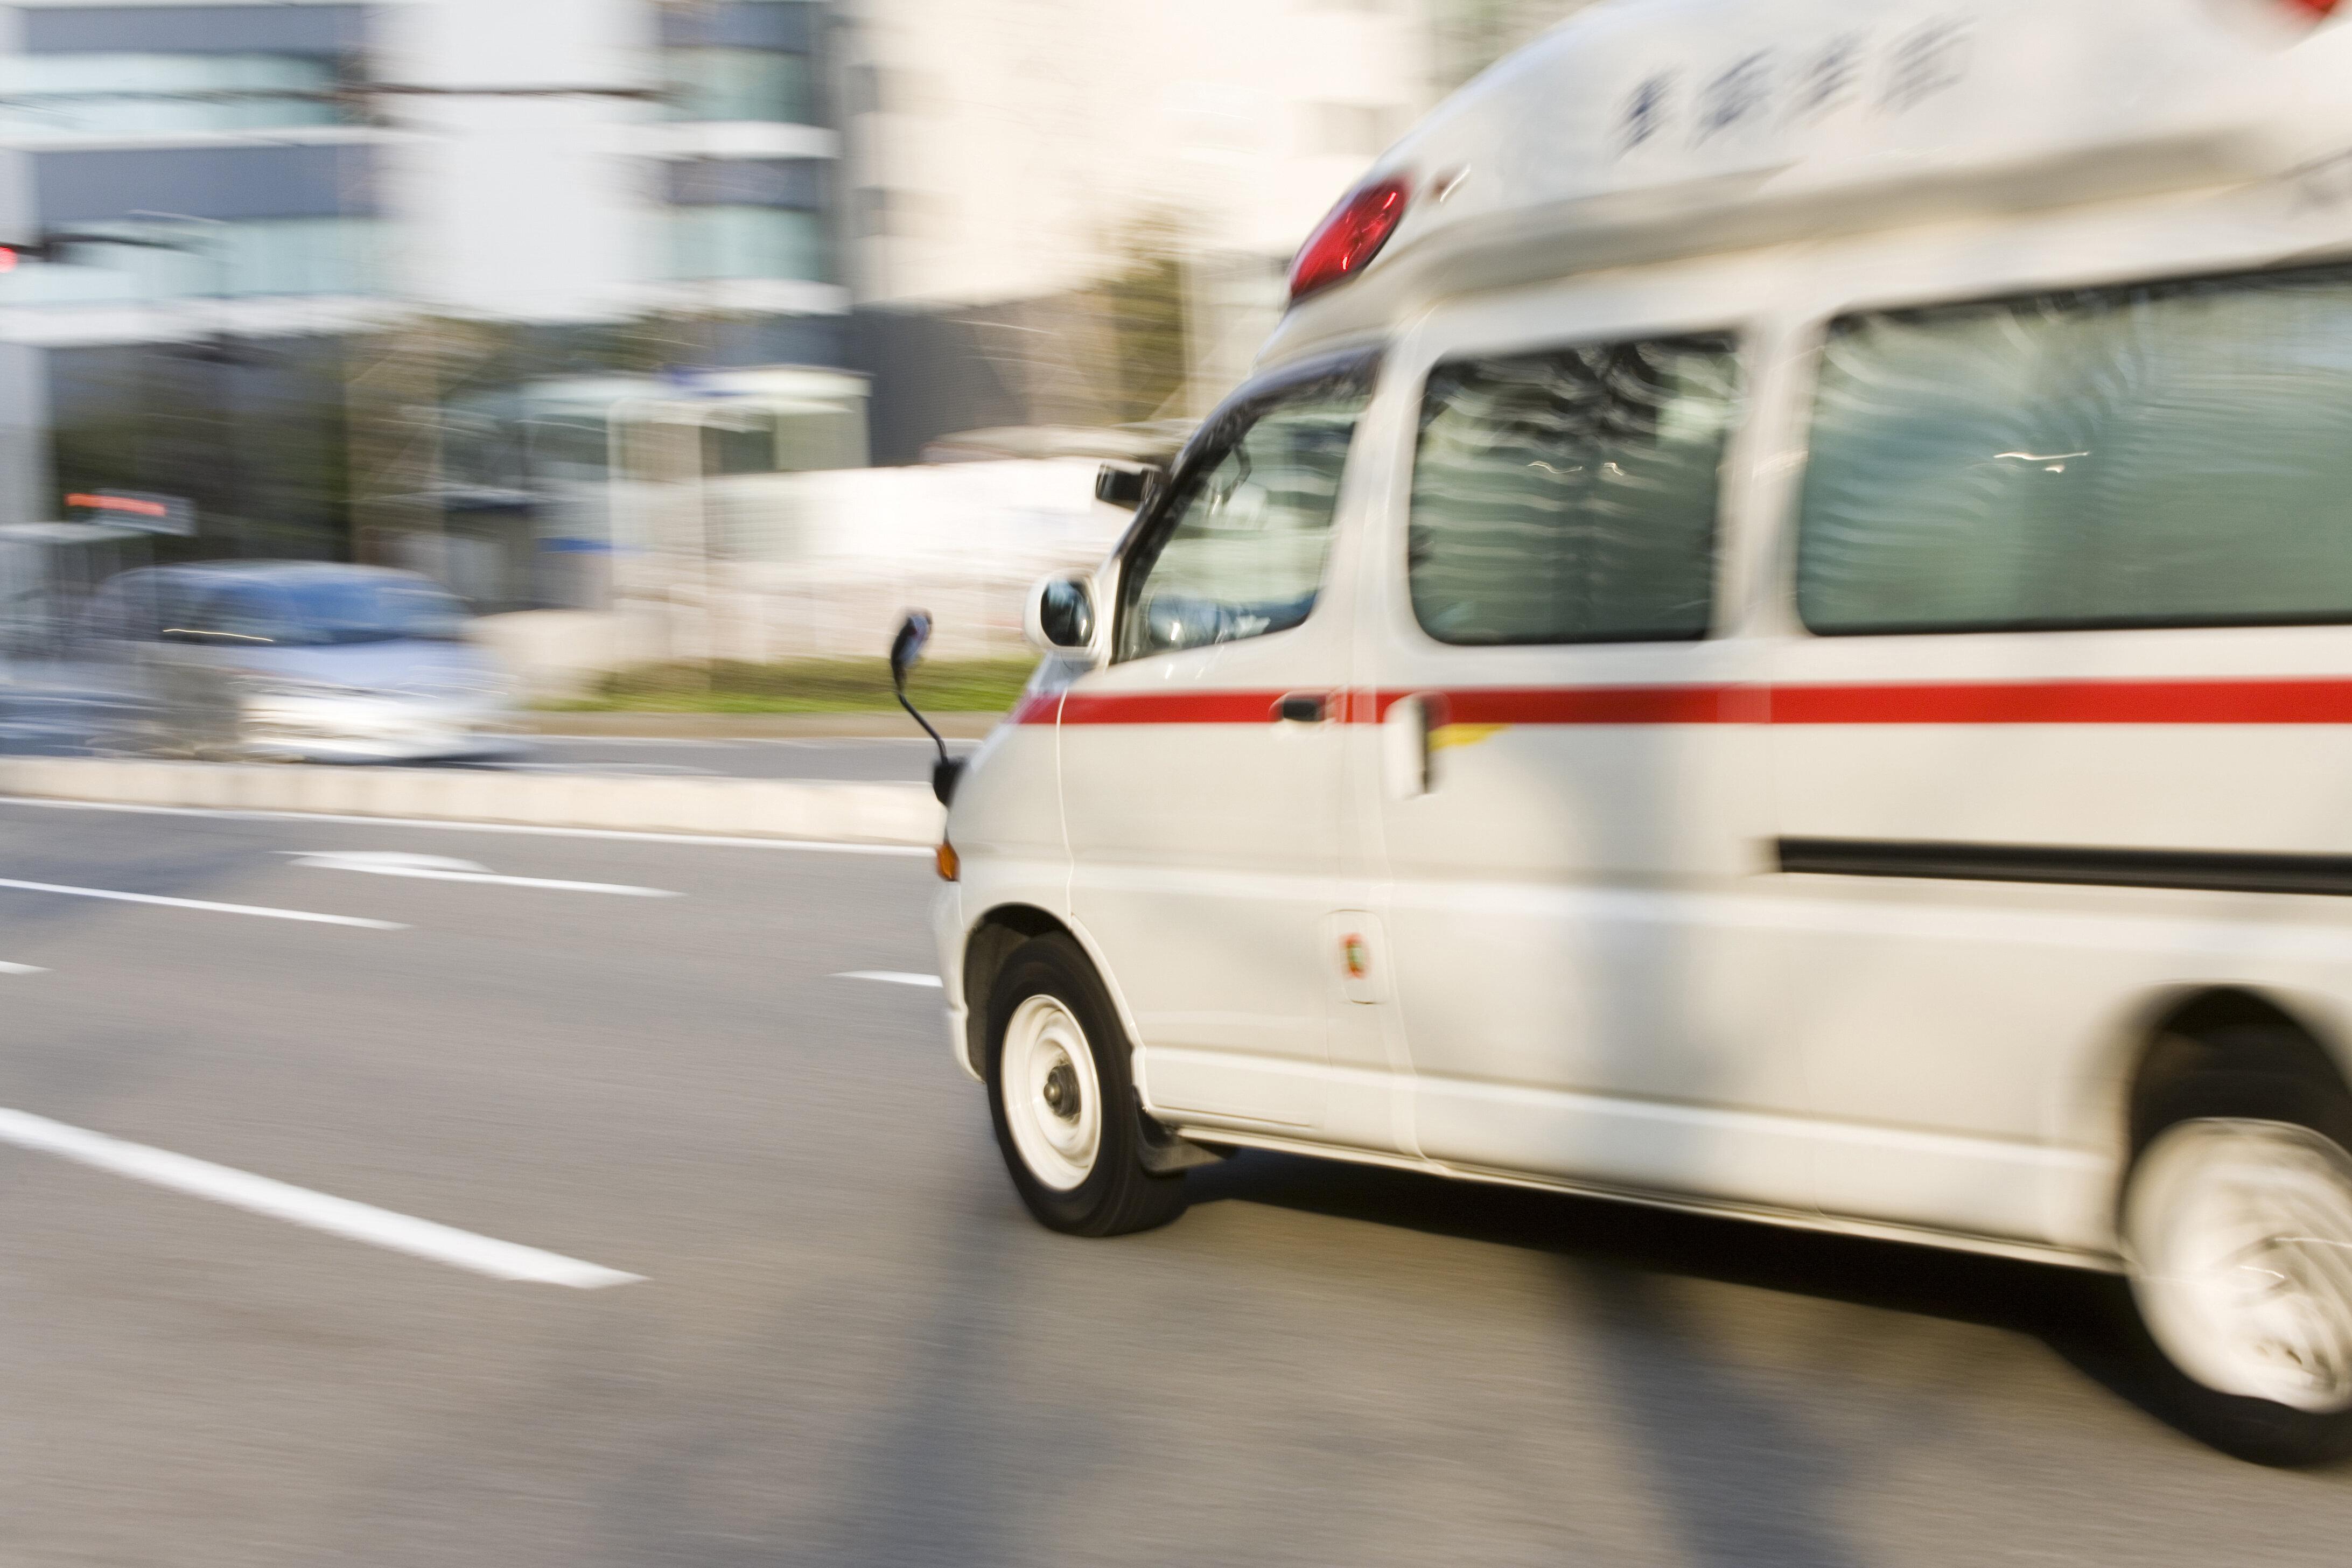 難病「先天性筋ジストロフィー」の生徒、通学バス内で死亡。通報まで16分「教員の力量不足」